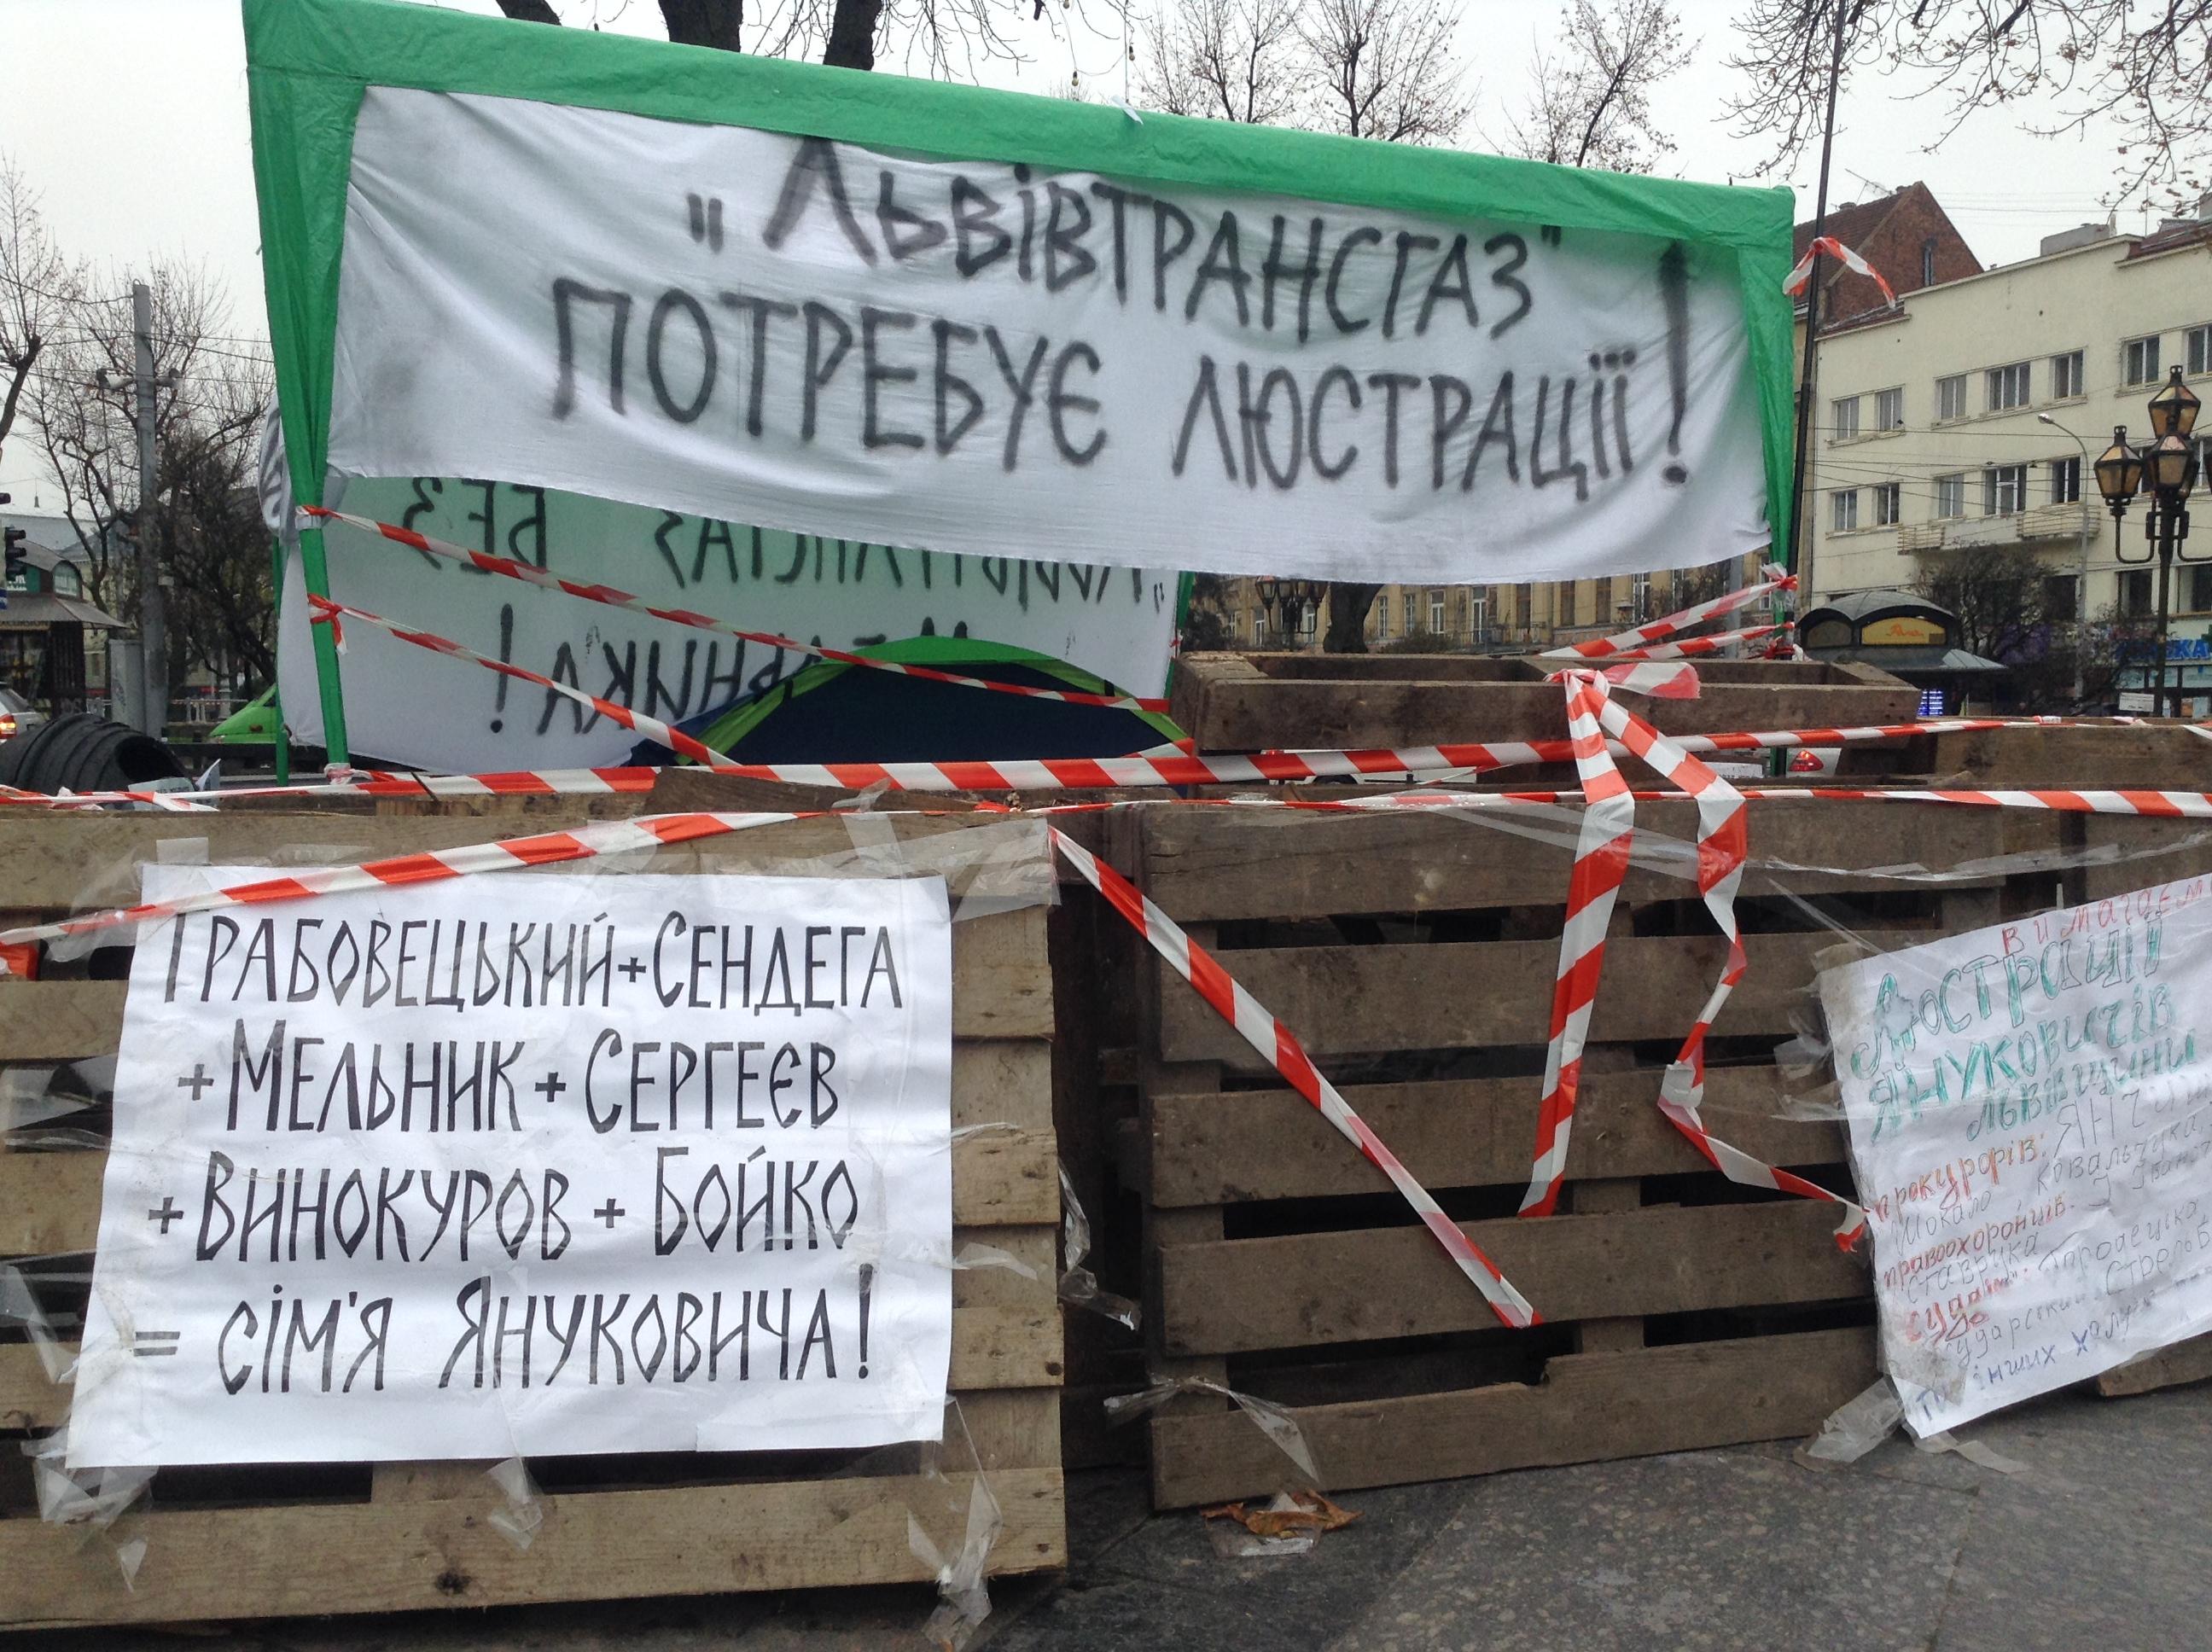 В центре Львова активист голодает уже 5-й день с требованием люстрации (Фото)